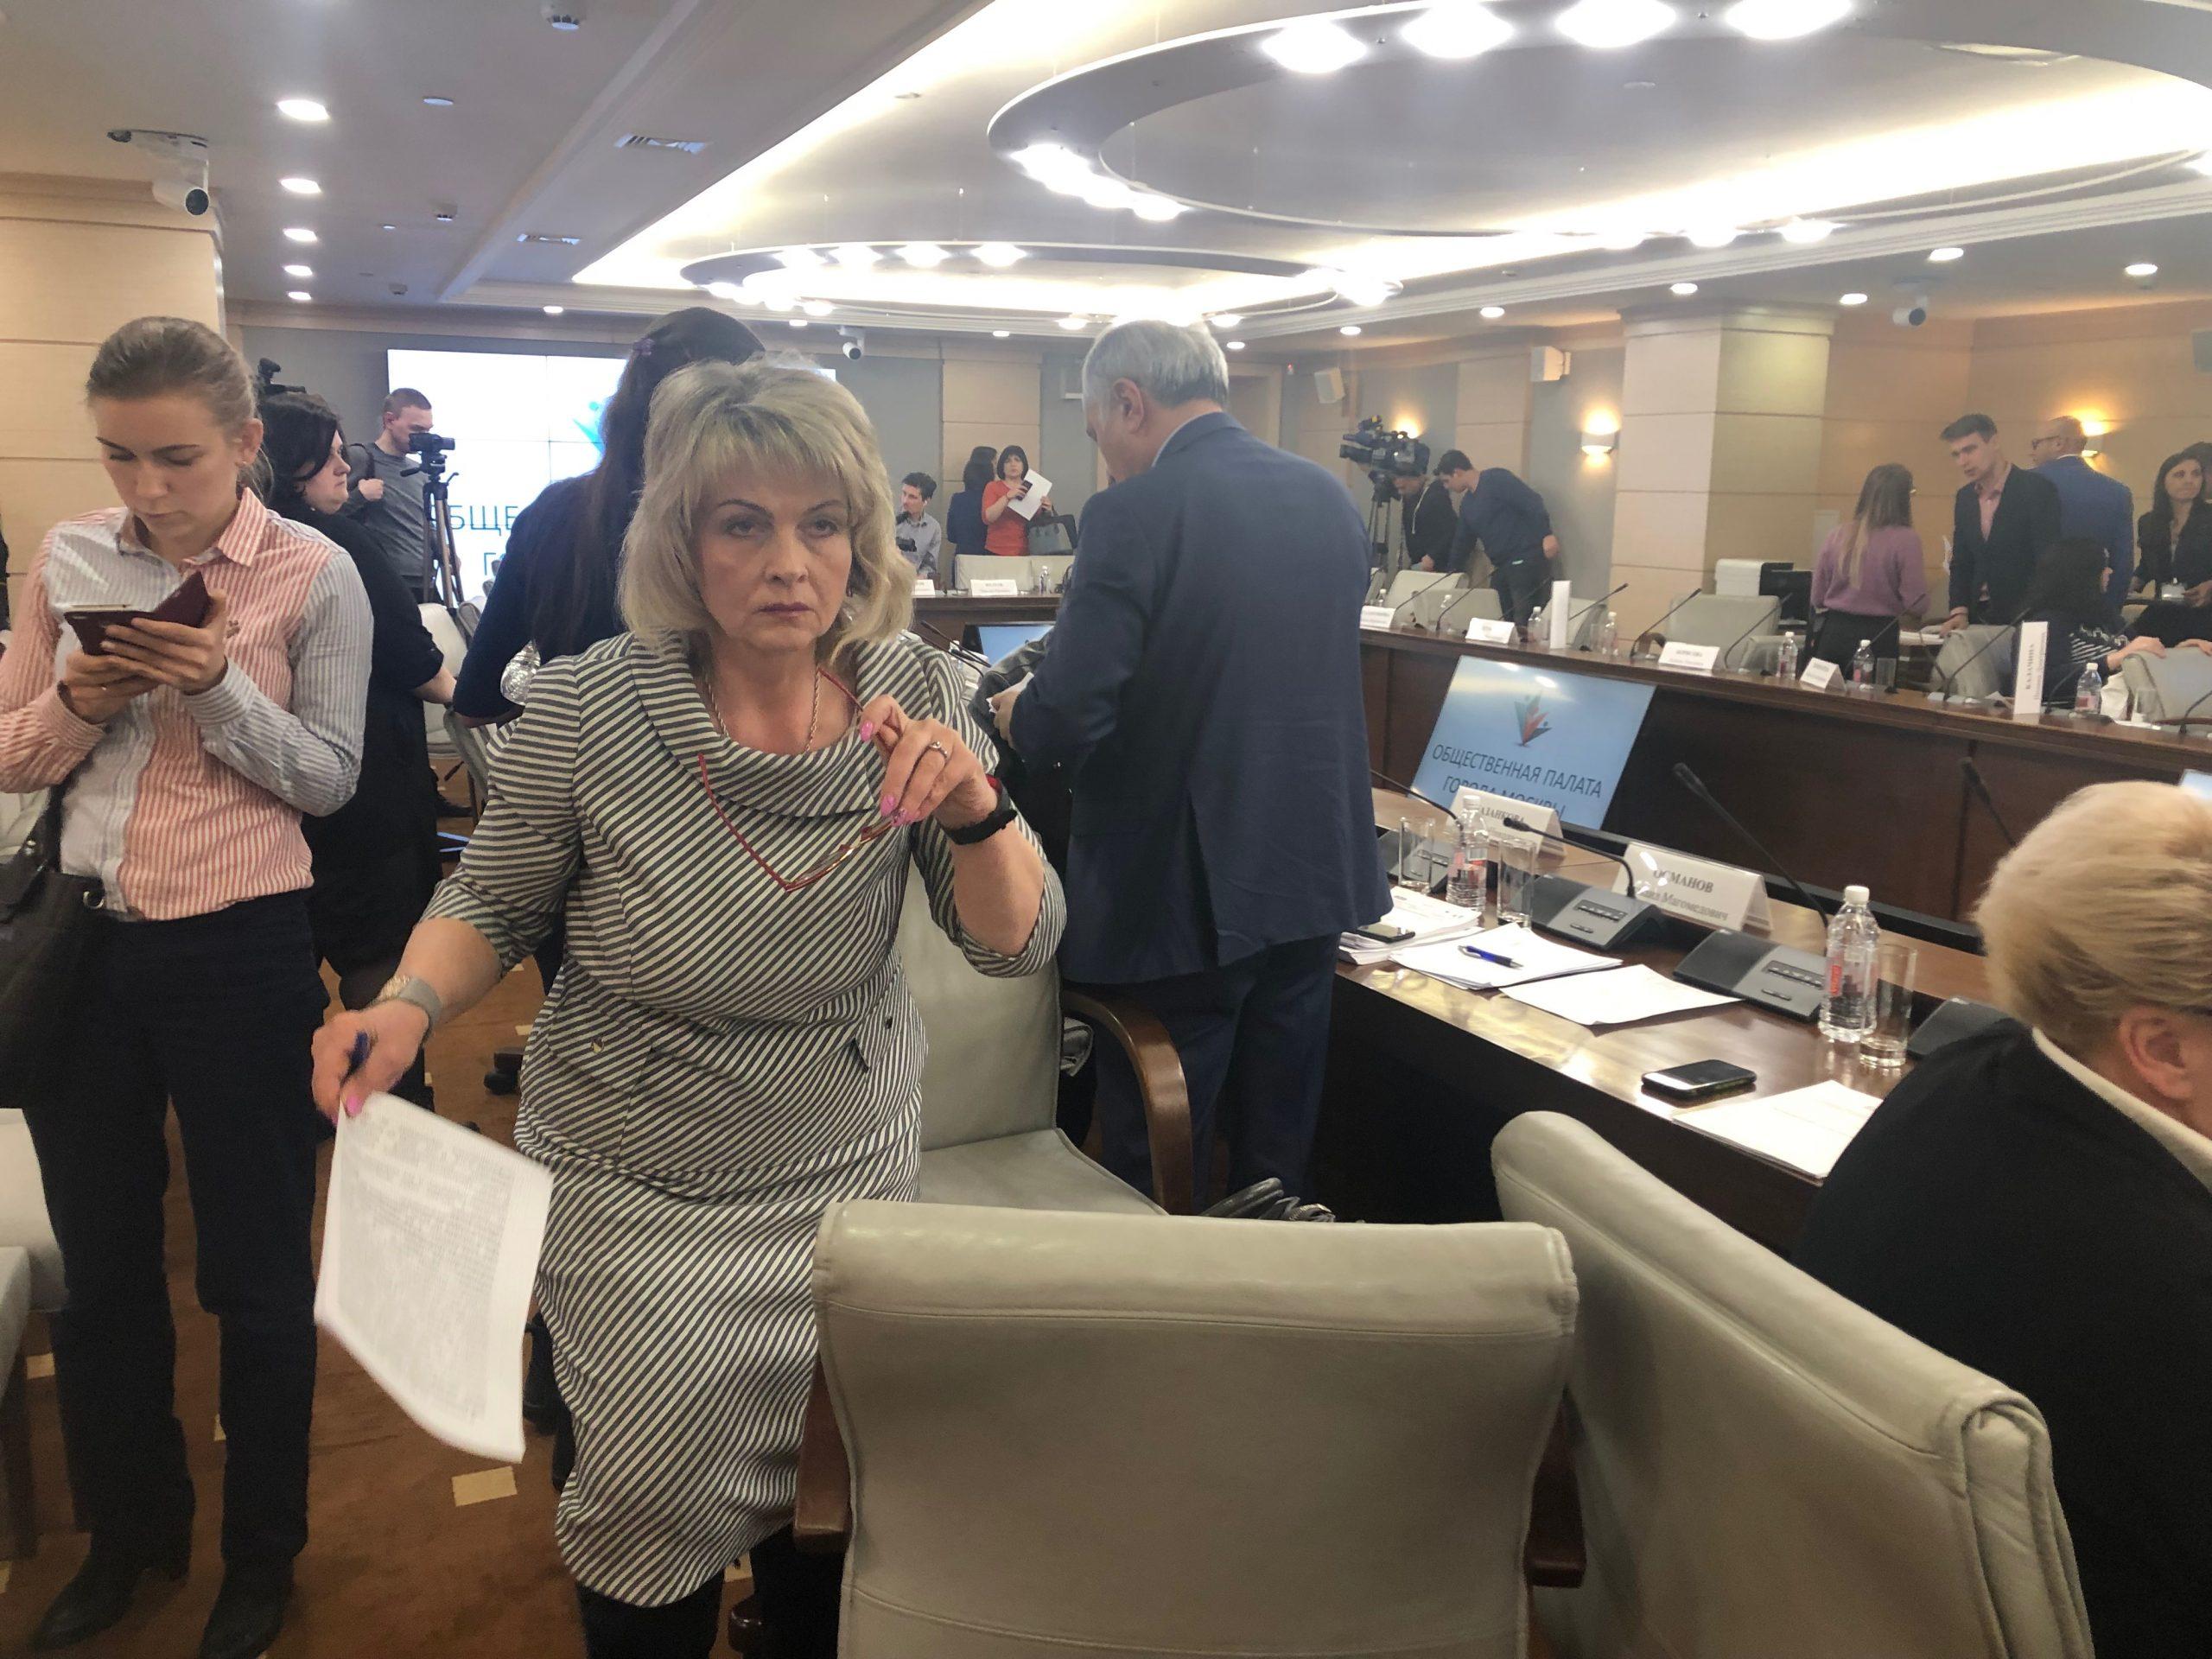 Родители, чьи дети заболели в детсадах дизентерией, потребовали публичных извинений от департаментов образования и здравоохранения мэрии Москвы